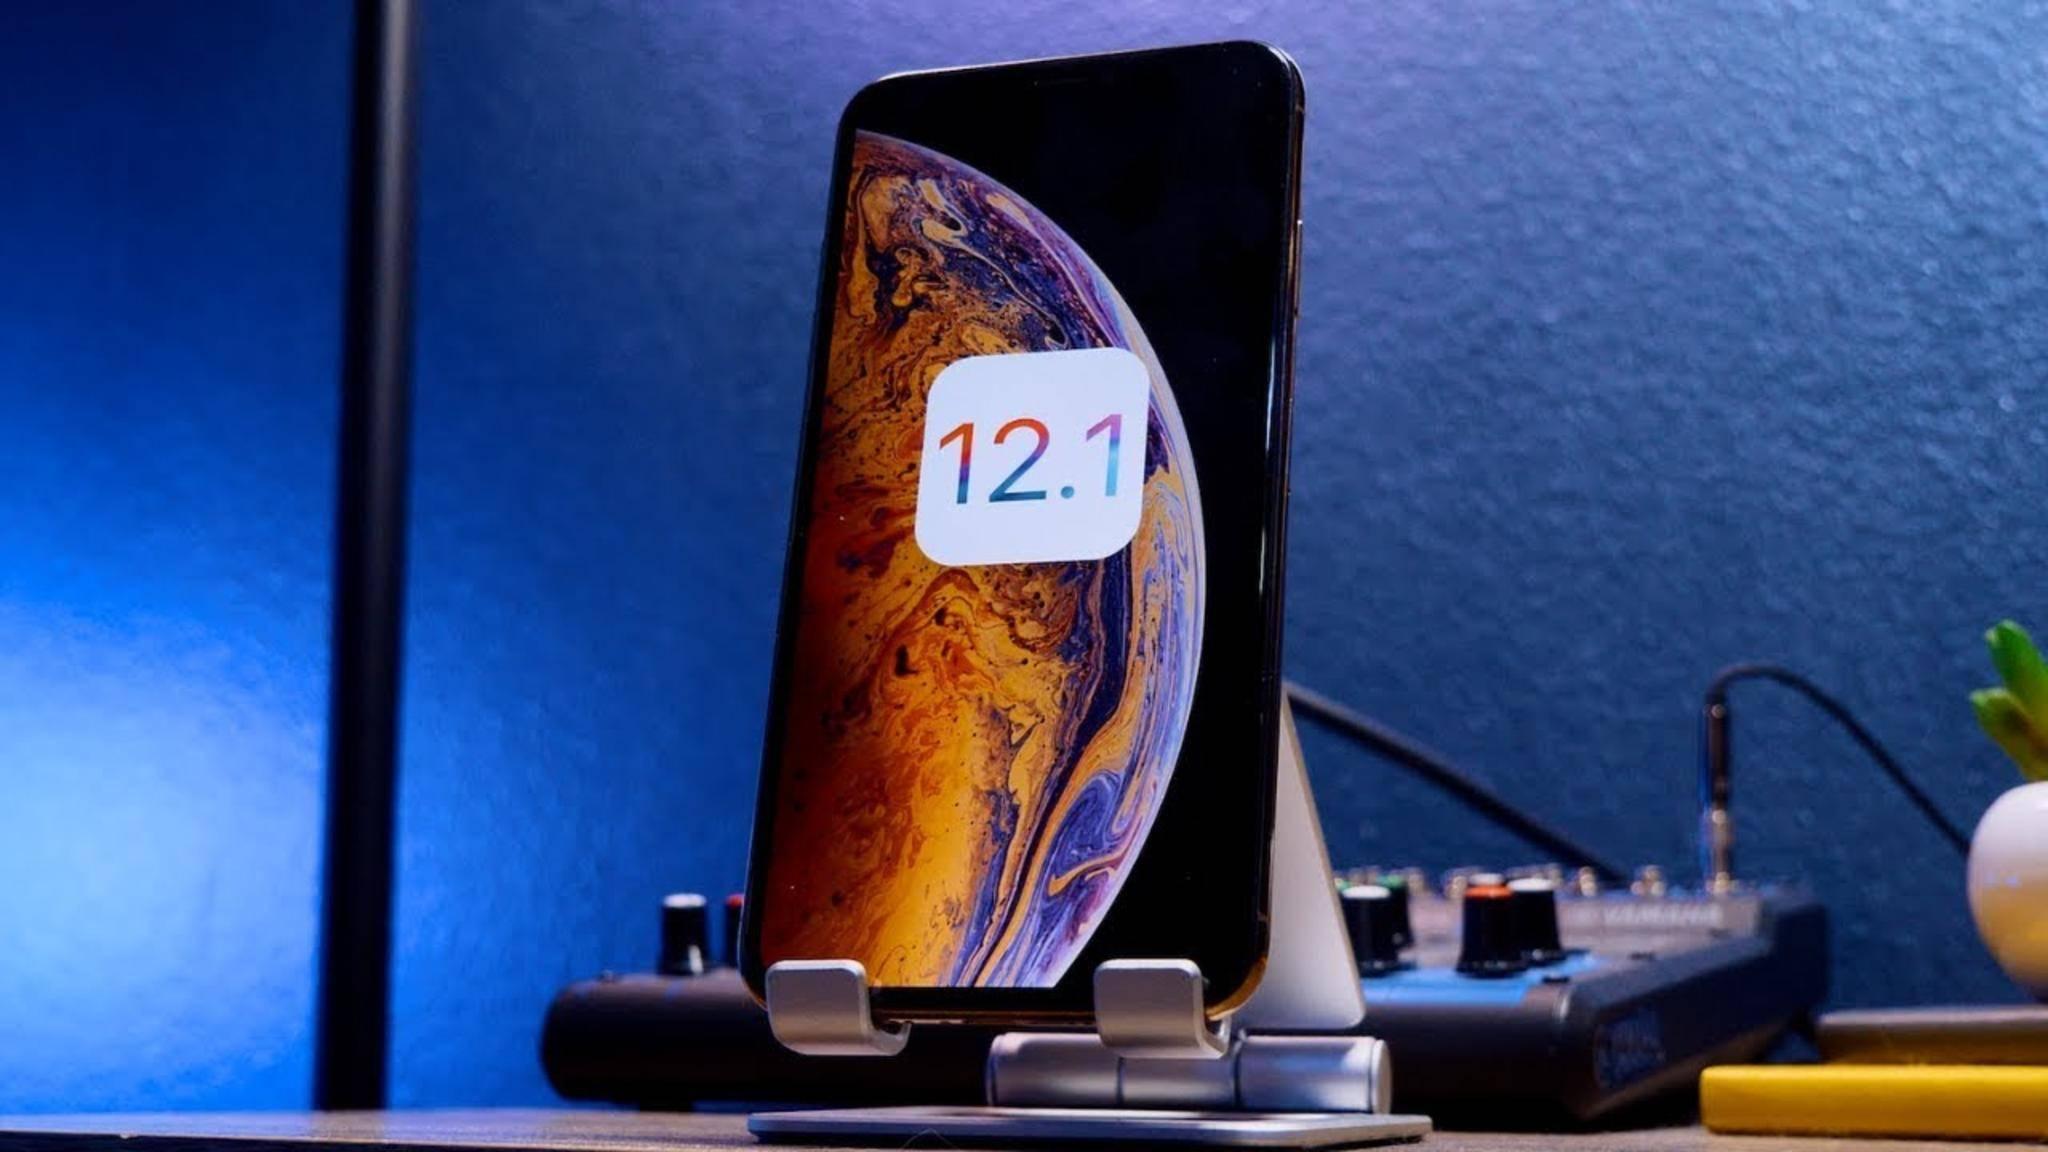 Ein Downgrade auf iOS 12.1 ist ab sofort nicht mehr möglich, da die Version nicht mehr signiert wird.